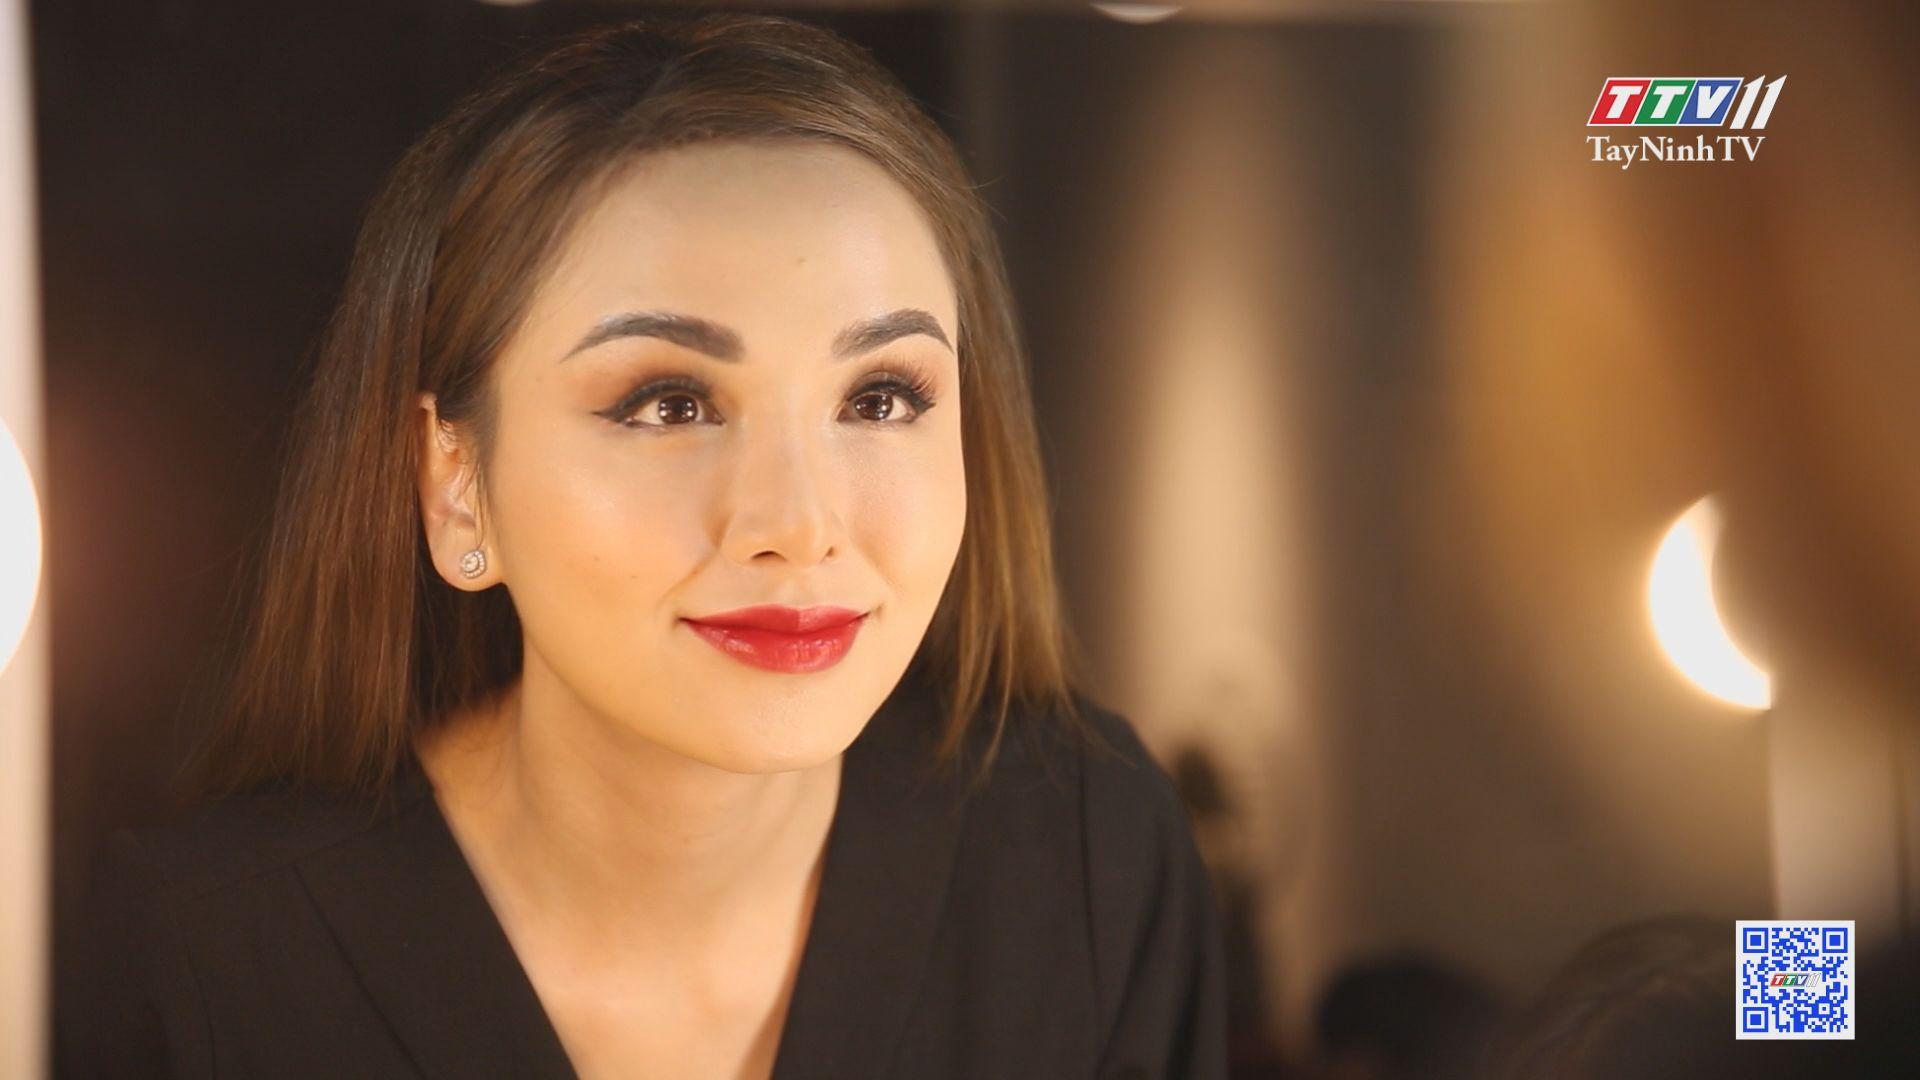 Tập 17 năm 2021_Hoa hậu Diễm Hương từ nửa tiếng kiếm 1 tỷ đến 500 ngàn một show | HẠNH PHÚC Ở ĐÂU | TayNinhTV